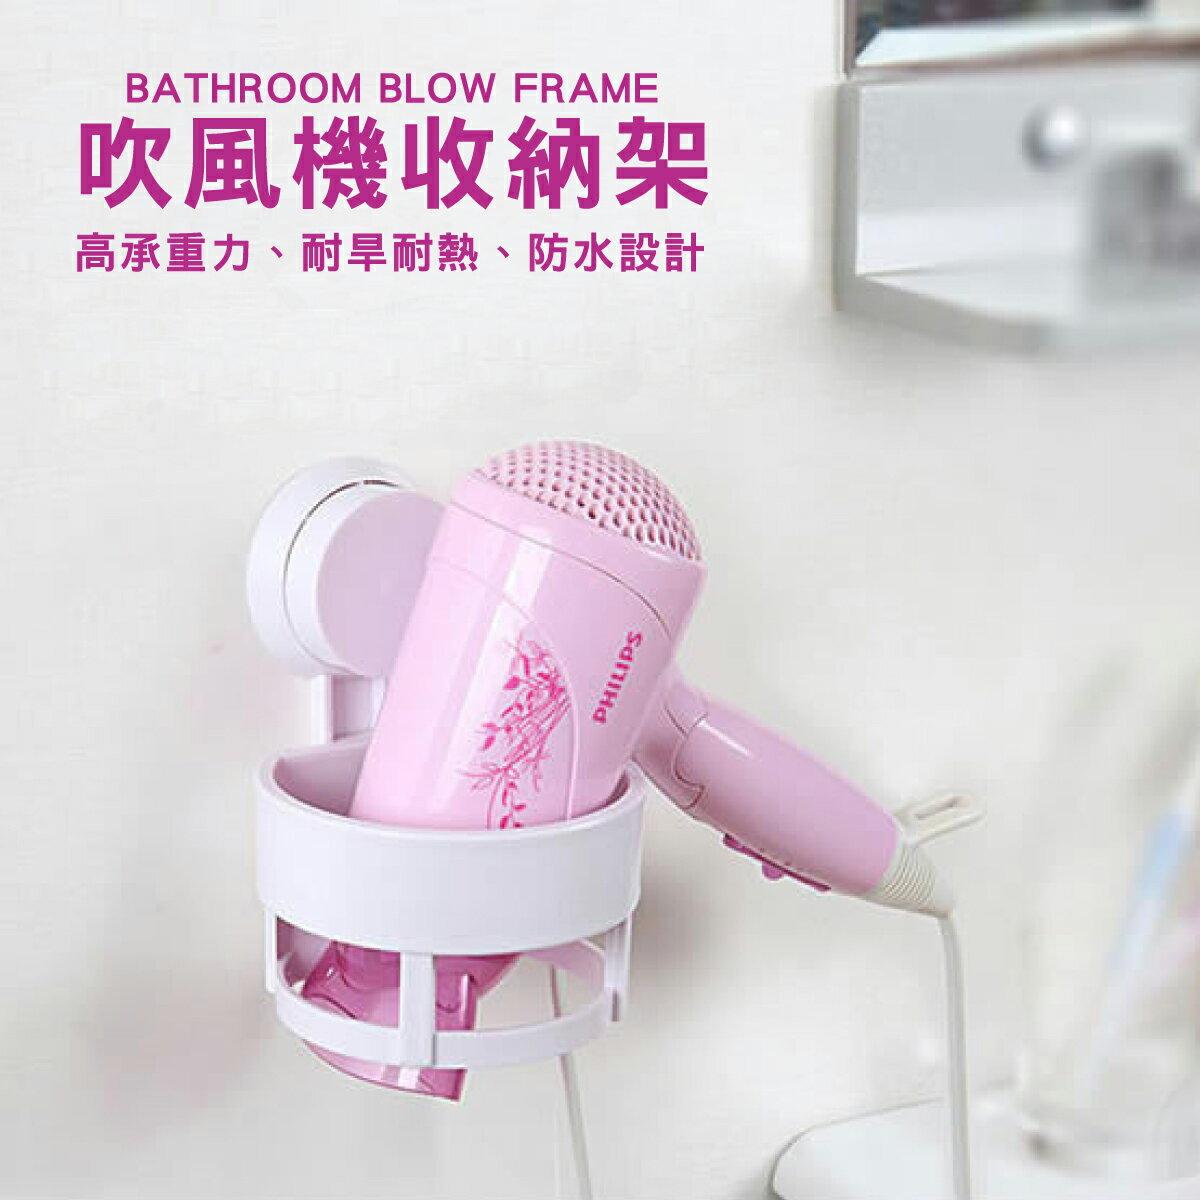 真空吸盤吹風機收納架【HB-021】置物架 無痕貼 吹風機